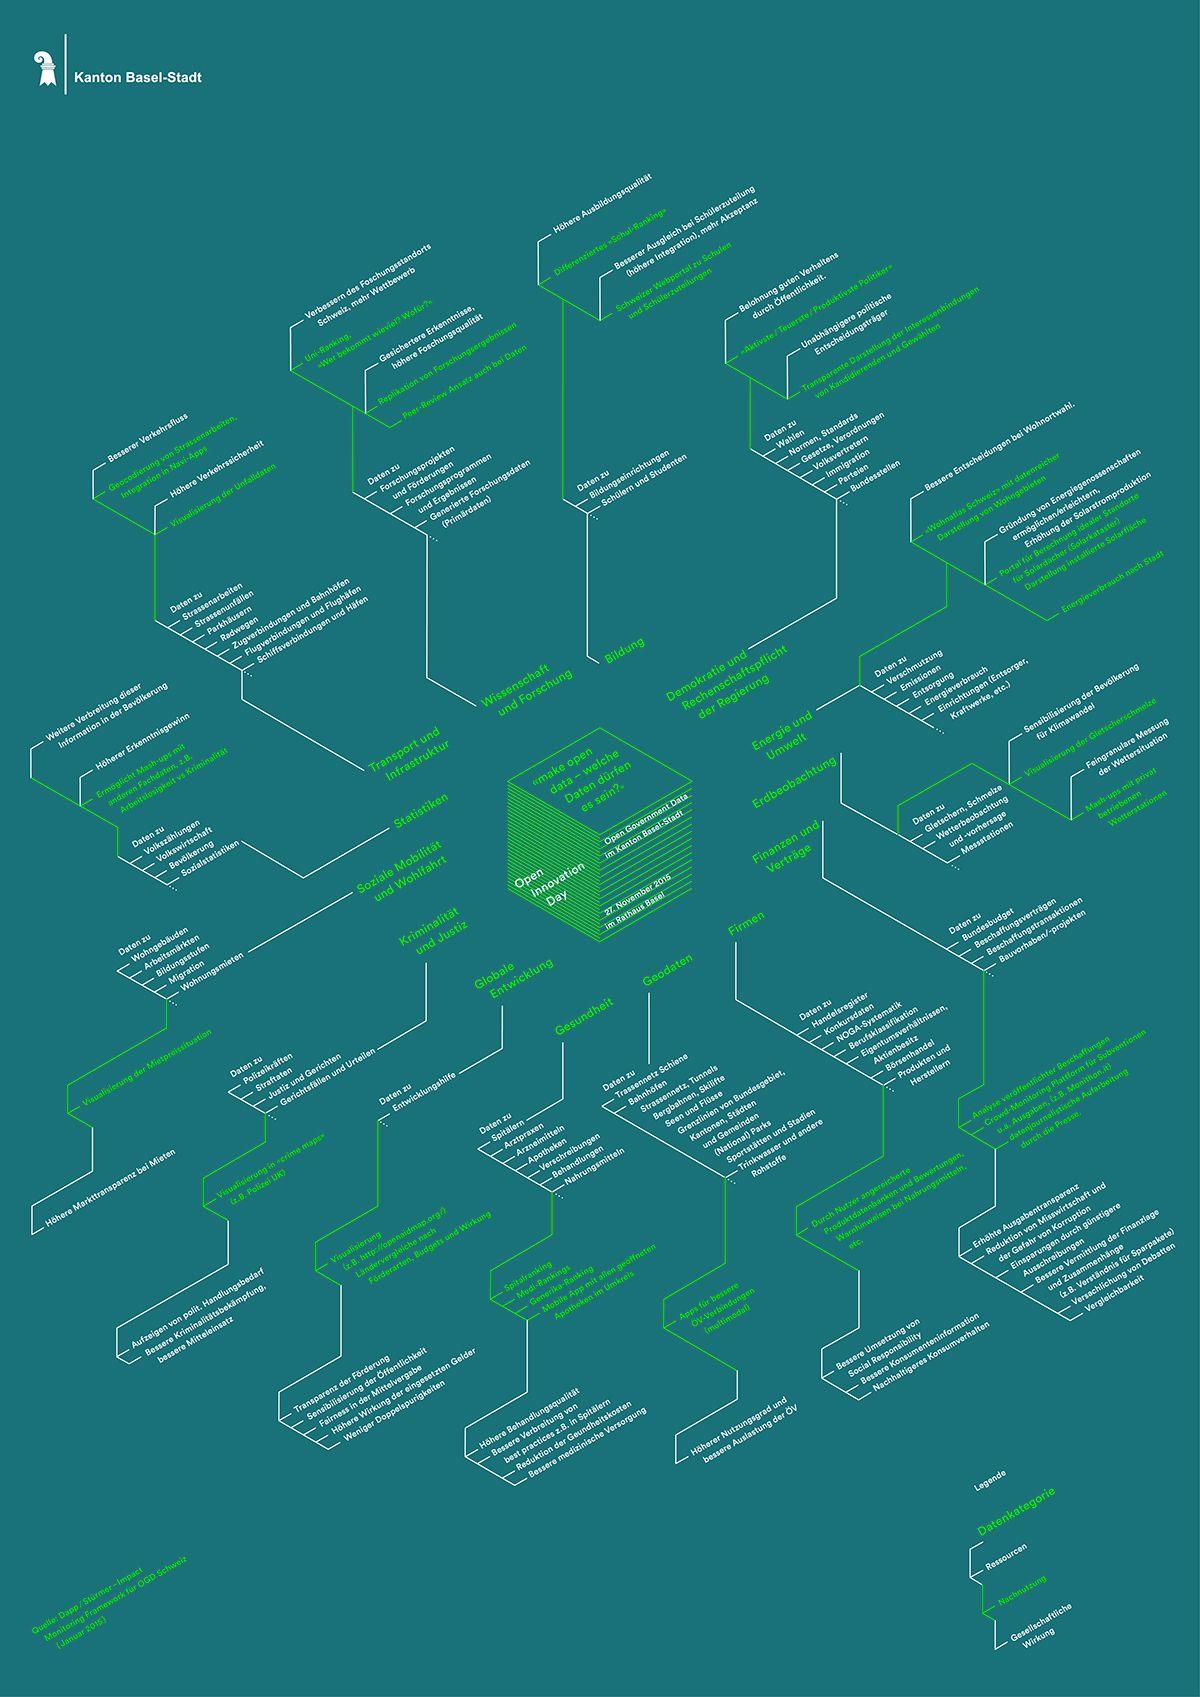 Make Open Data on Behance